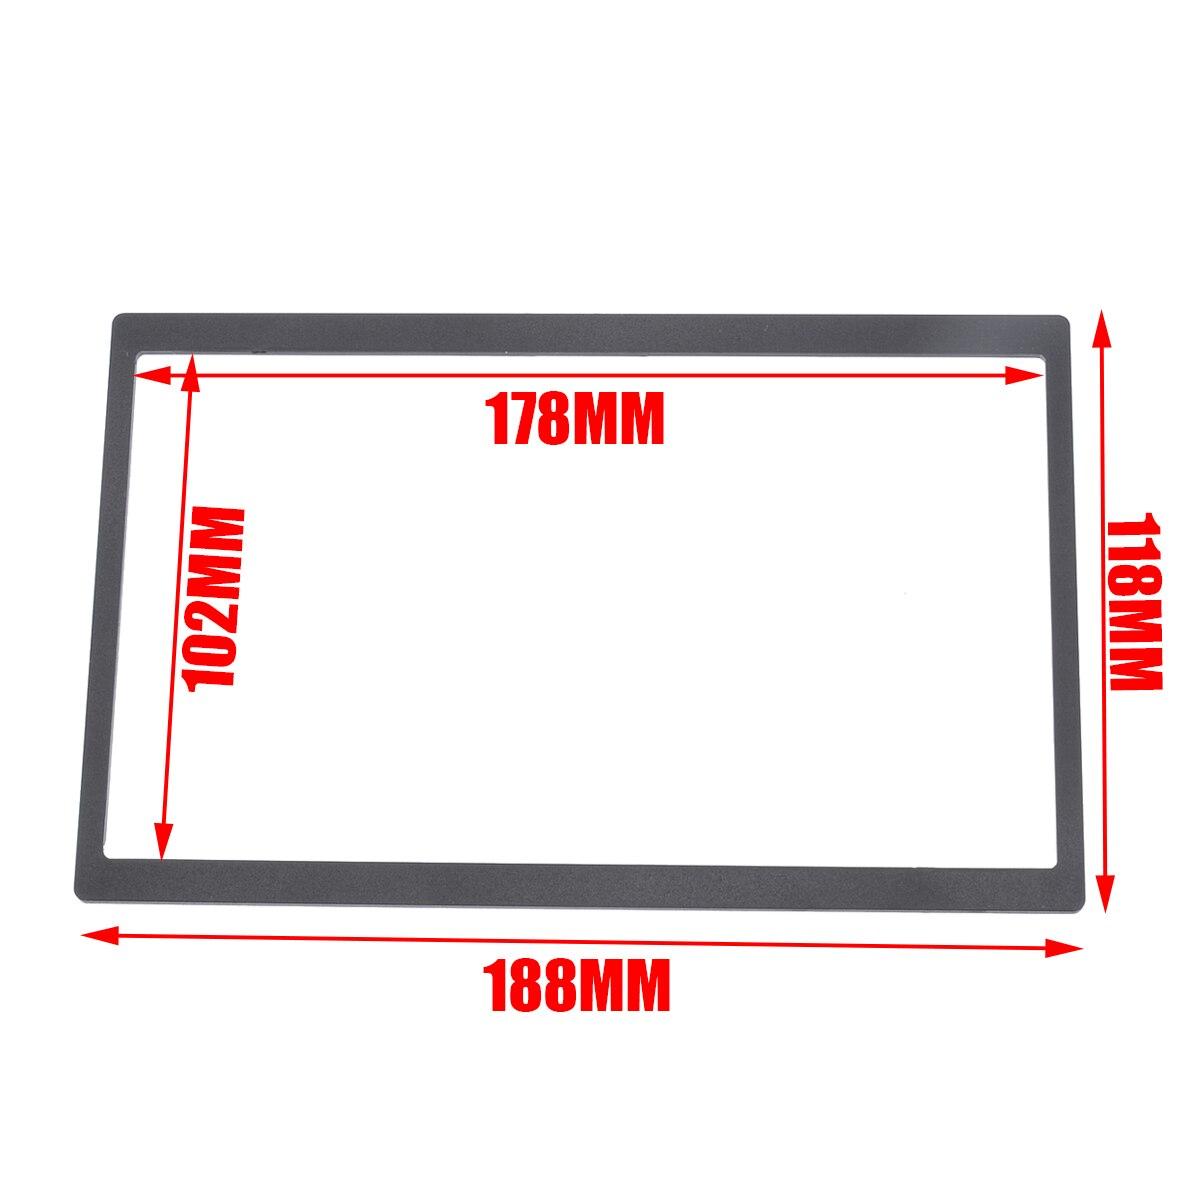 New Arrival 2Din Install Dash Bezel Panel Mounting Frame for Car Stereo Radio DVD Player For V-W T-ransporter P-OLO G-olf MK4